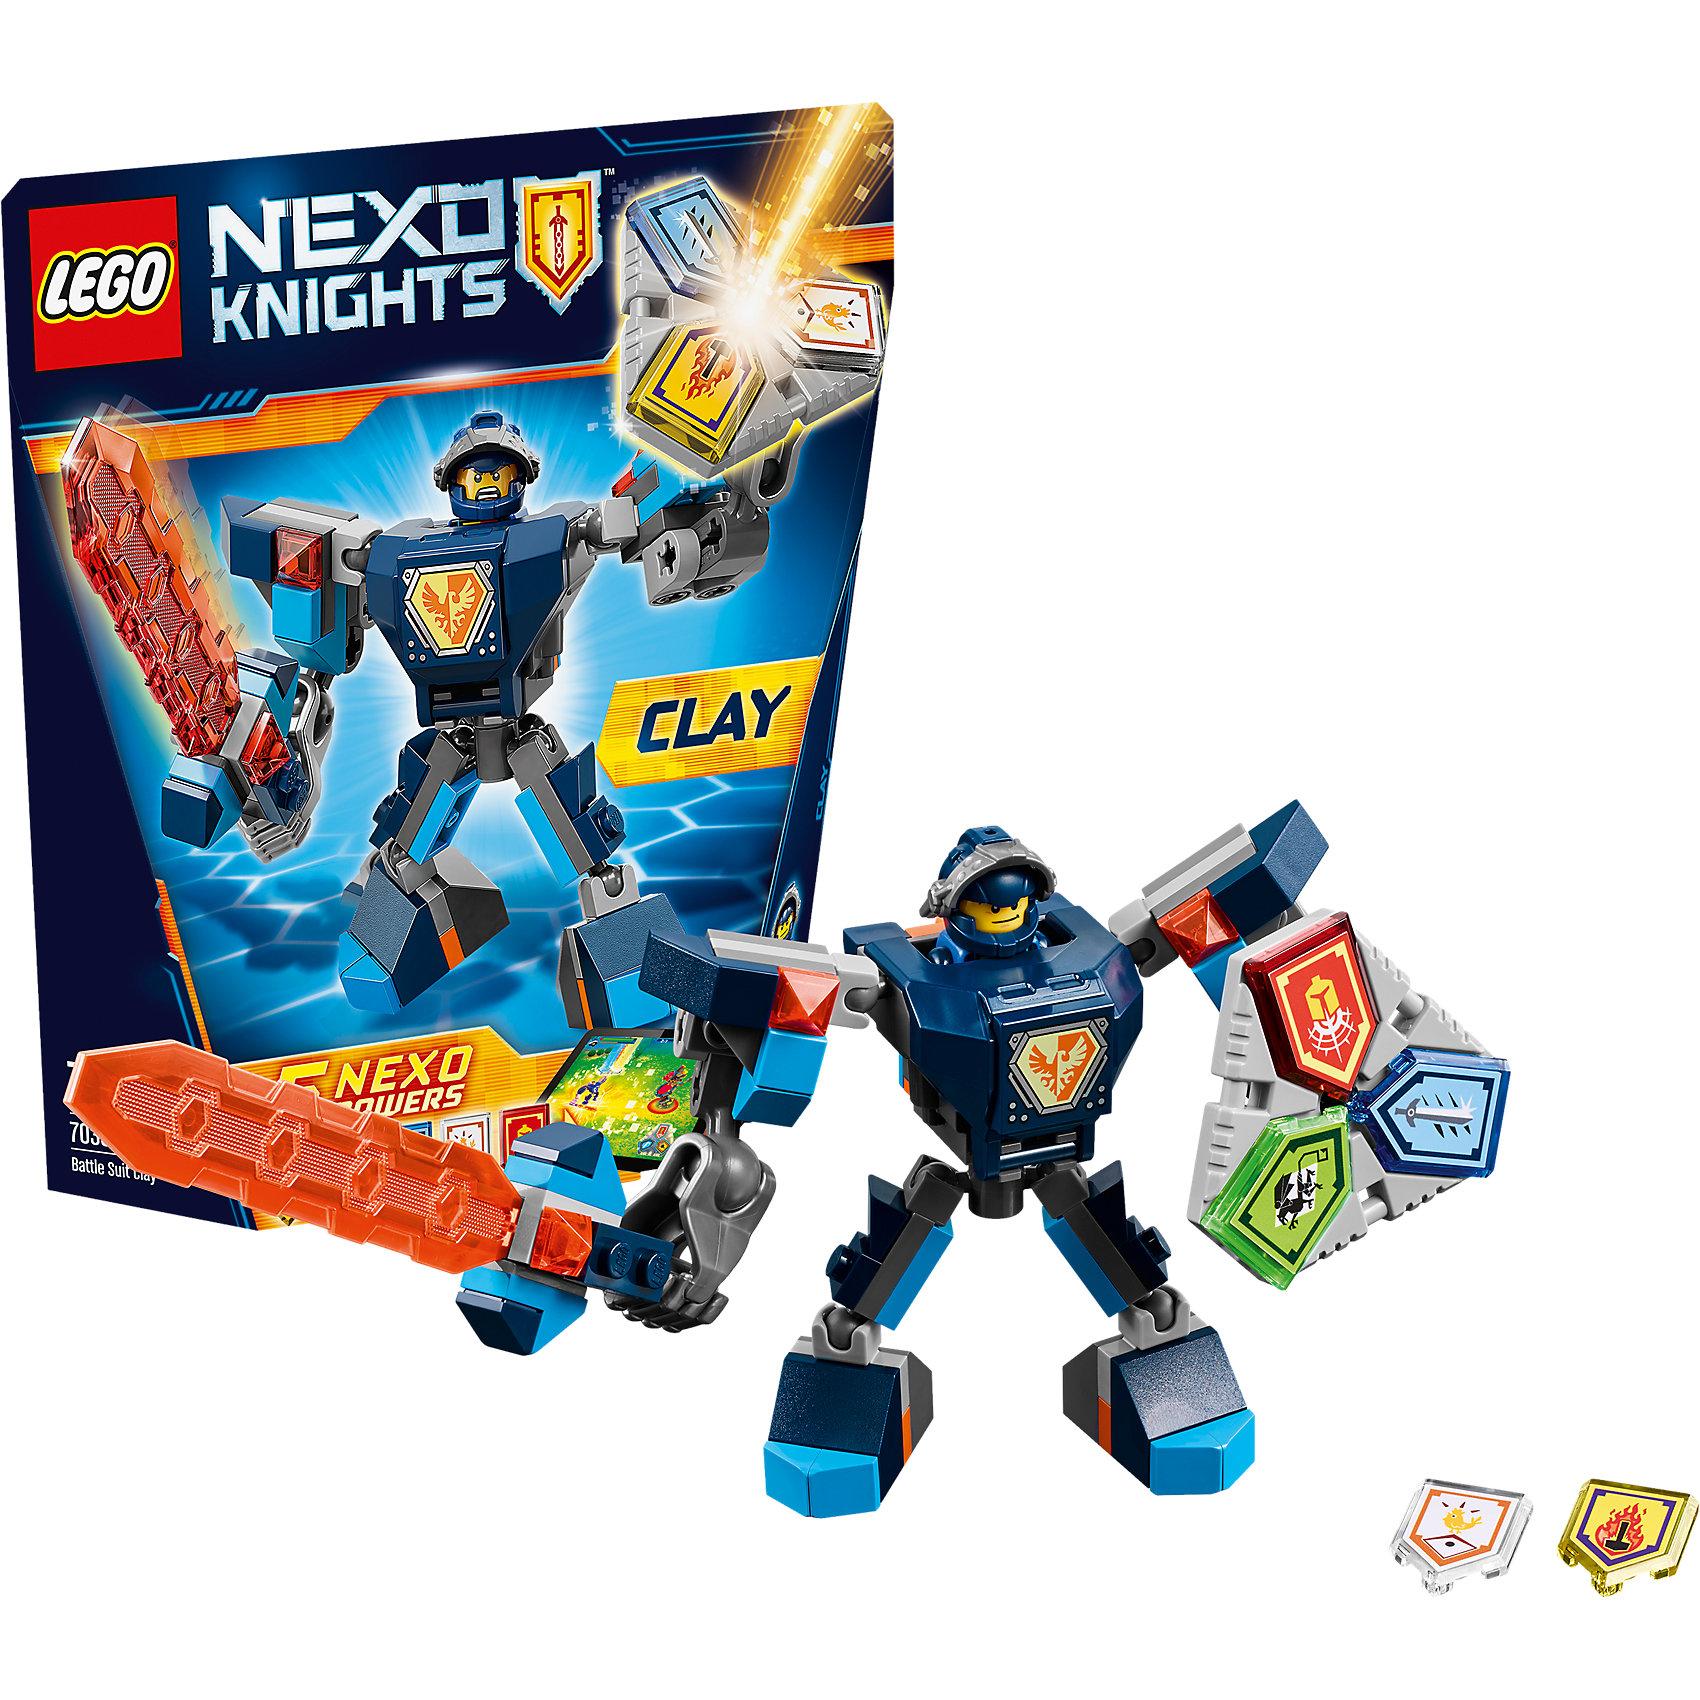 LEGO NEXO KNIGHTS 70362: Боевые доспехи КлэяПластмассовые конструкторы<br>LEGO NEXO KNIGHTS 70362: Боевые доспехи Клэя<br><br>Характеристики:<br><br>- в набор входит: доспехи, фигурка, 5 защитных сил, красочная инструкция<br>- состав: пластик<br>- количество деталей: 79<br>- размер коробки: 20 * 5,5 * 19 см.<br>- высота доспеха: 9 см.<br>- для детей в возрасте: от 7 до 14 лет<br>- Страна производитель: Дания/Китай/Чехия<br><br>Легендарный конструктор LEGO (ЛЕГО) представляет серию «NEXO KNIGHTS» (Нэксо Найтс) по сюжету одноименного мультсериала. Серия понравится любителям средневековья благодаря рыцарям, принцессам, монстрам и ужасным злодеям. Рыцарь Клэй получает свои новые боевые доспехи. Прекрасное сочетание темно-синего, белого и оранжевого цветов отлично ему подходят. Доспех на шарнирах и позволяет рыцарю свободно двигать руками и ногами в плечах, локтях, коленях и бедрах. Прочный щит содержит сразу три силы, а надежный и яркий меч станет отличным помощников в битве. Удлиненные плечи являются особенностью доспеха, а также изображенный на груди герб самого Клэя. Фигурка Клэя входит в комплект и отлично детализирована. Съемный шлем выглядит очень правдоподобно, а его забрало поднимается и опускается. К доспеху можно прикрепить детали из Сокола Клэя от LEGO NEXO KNIGHTS. Помогай рыцарям бороться с каменными монстрами с помощью прогресса и невероятной Нексо силы!<br><br>Конструктор LEGO NEXO KNIGHTS 70362: Боевые доспехи Клэя можно купить в нашем интернет-магазине.<br><br>Ширина мм: 211<br>Глубина мм: 182<br>Высота мм: 54<br>Вес г: 117<br>Возраст от месяцев: 84<br>Возраст до месяцев: 168<br>Пол: Мужской<br>Возраст: Детский<br>SKU: 5002428